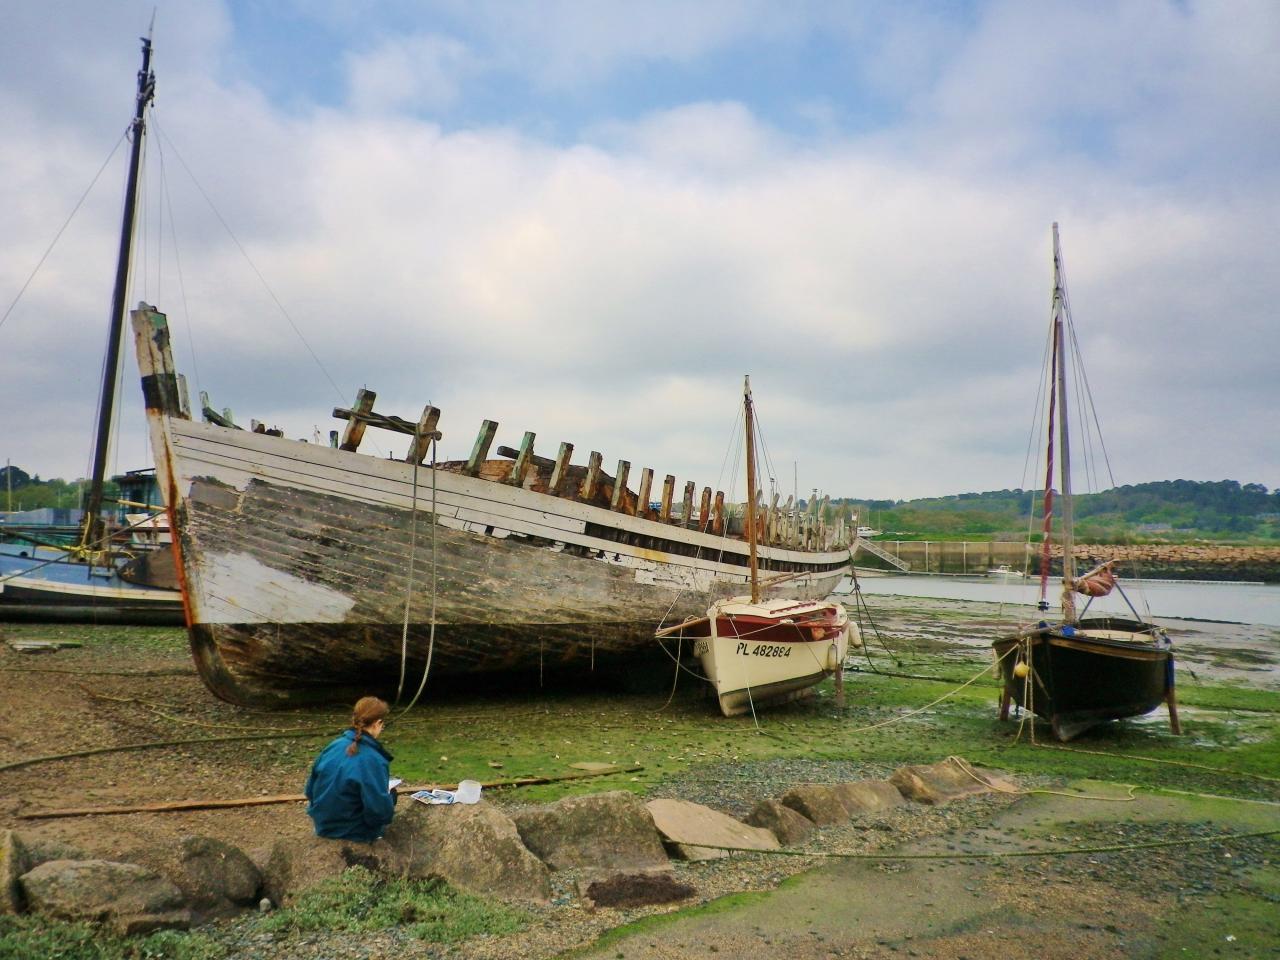 cimetière des bateaux à Paimpol